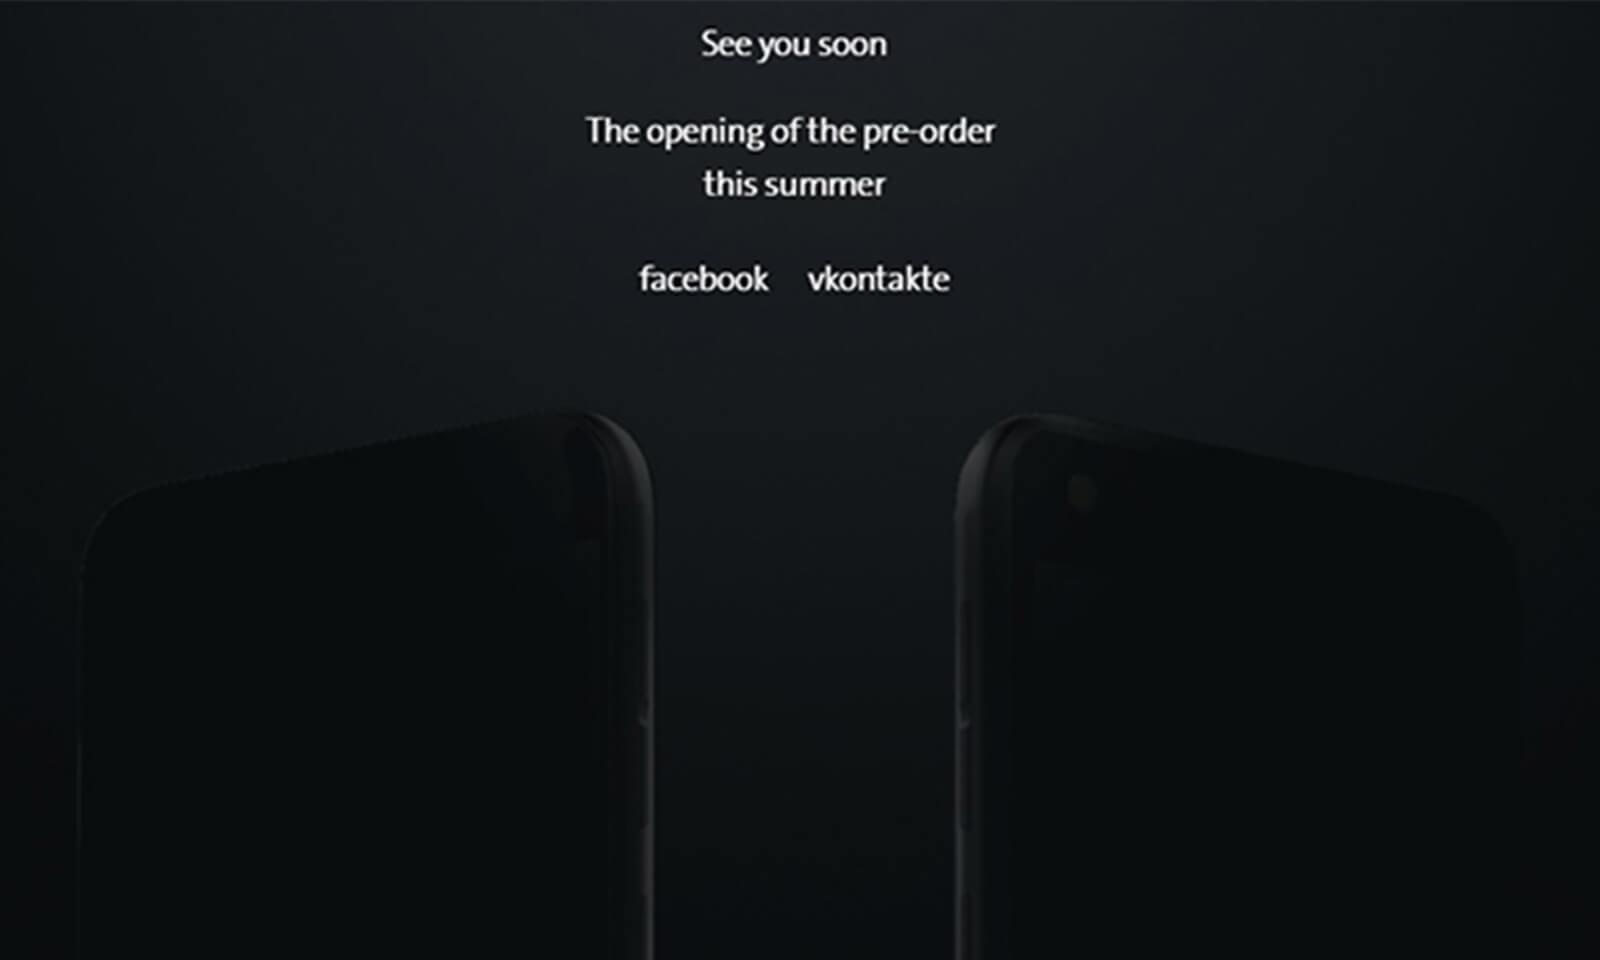 Alcatel Çift Ön Kamerayla Geliyor